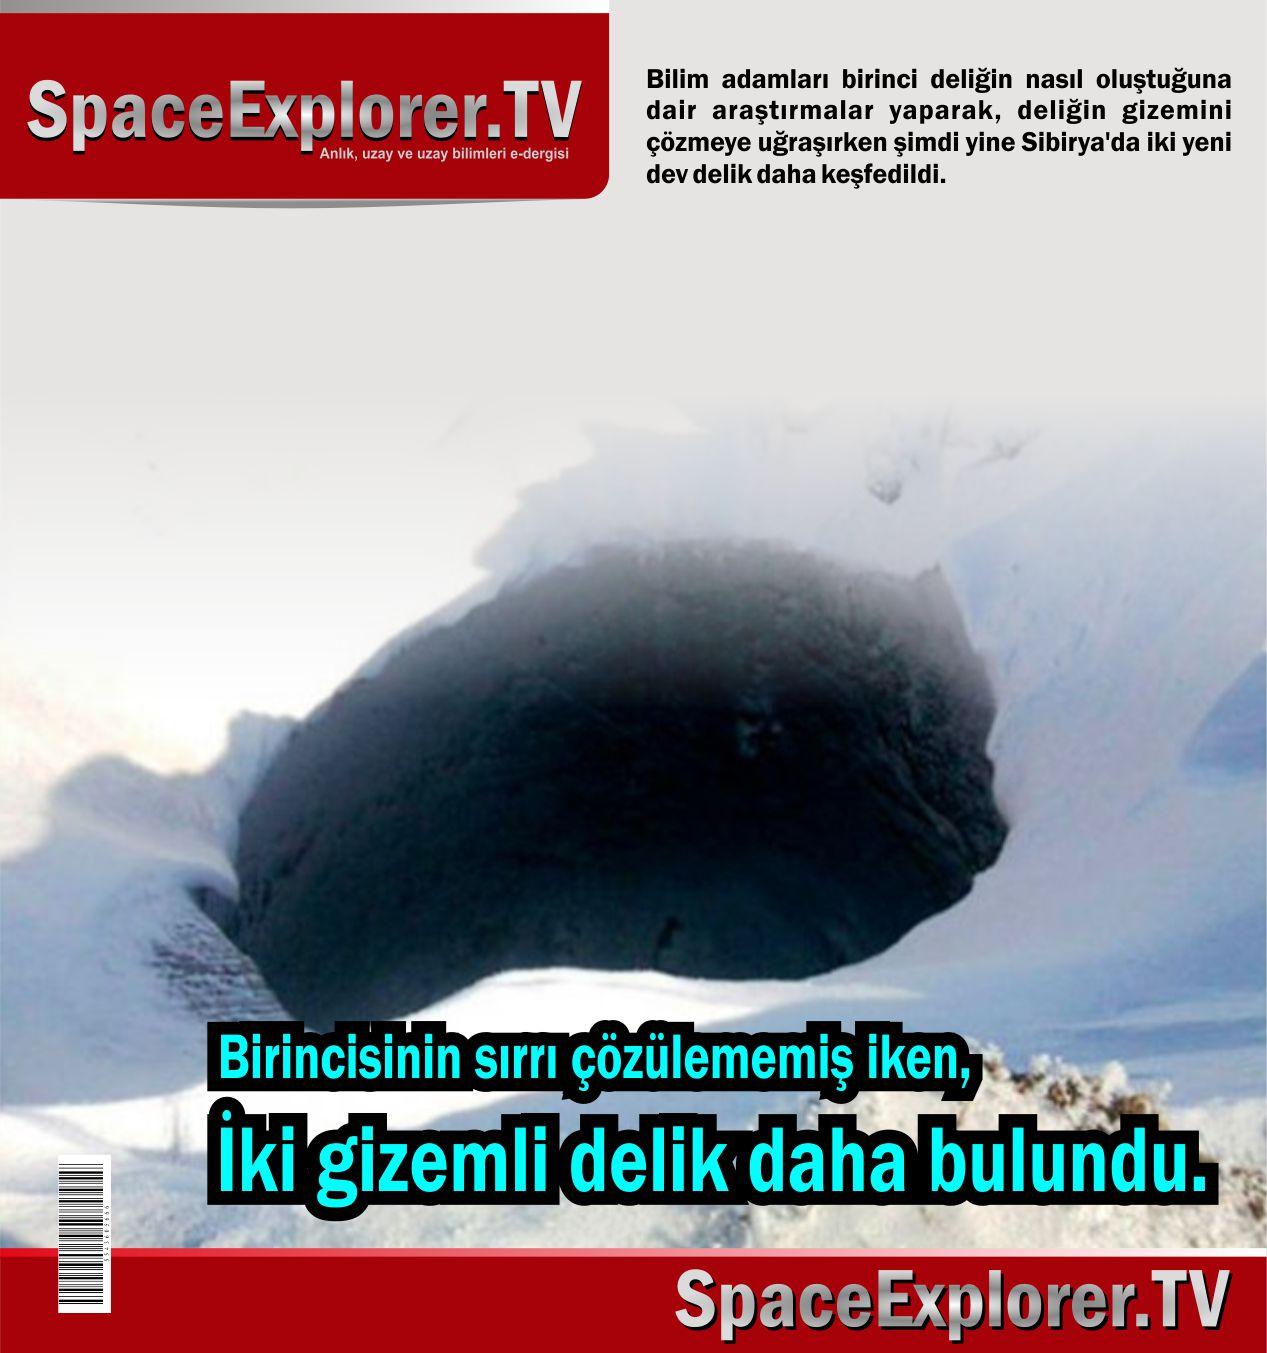 Birincisinin sırrı çözülememiş iken Sibirya'da iki gizemli dev delik daha bulundu. Sibirya, Rusya'daki delik, Space Explorer, Mars'taki delikler, Antipayuta Krateri, Nosok Krateri,